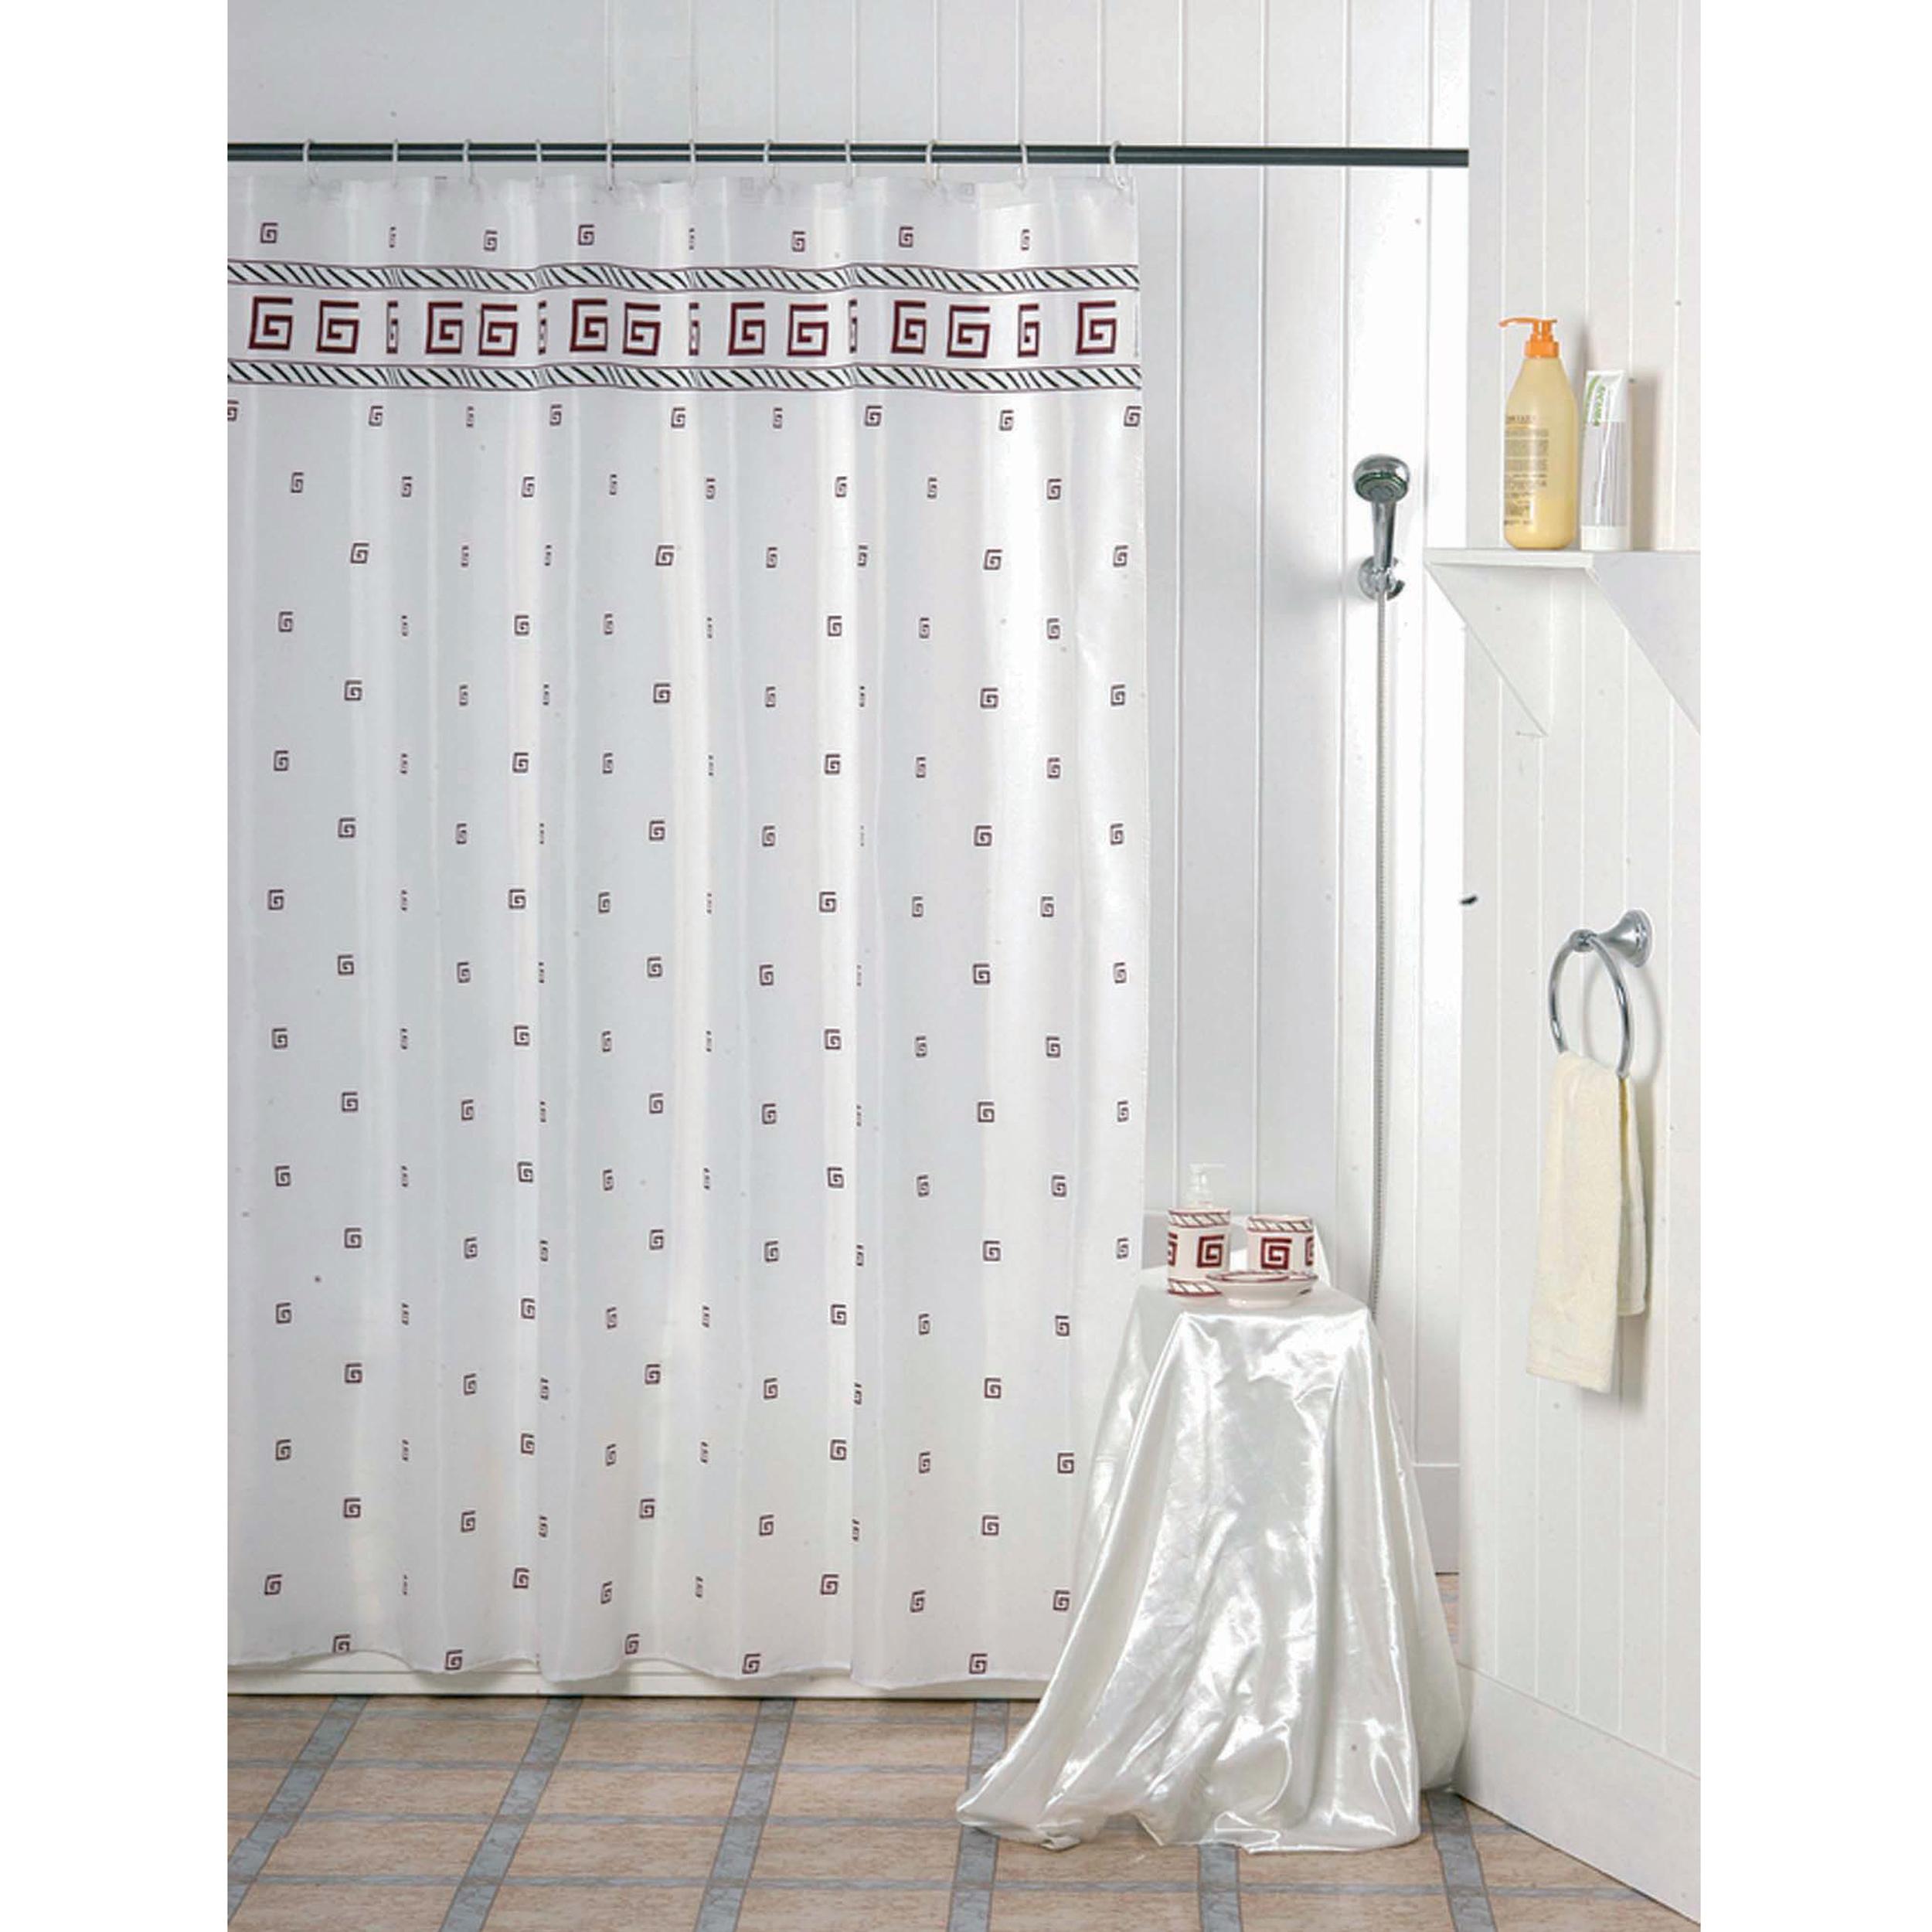 MSV Duschvorhang 180x200cm Anti Schimmel Textil Badewannenvorhang Wannenvorhang Kacheln Rot